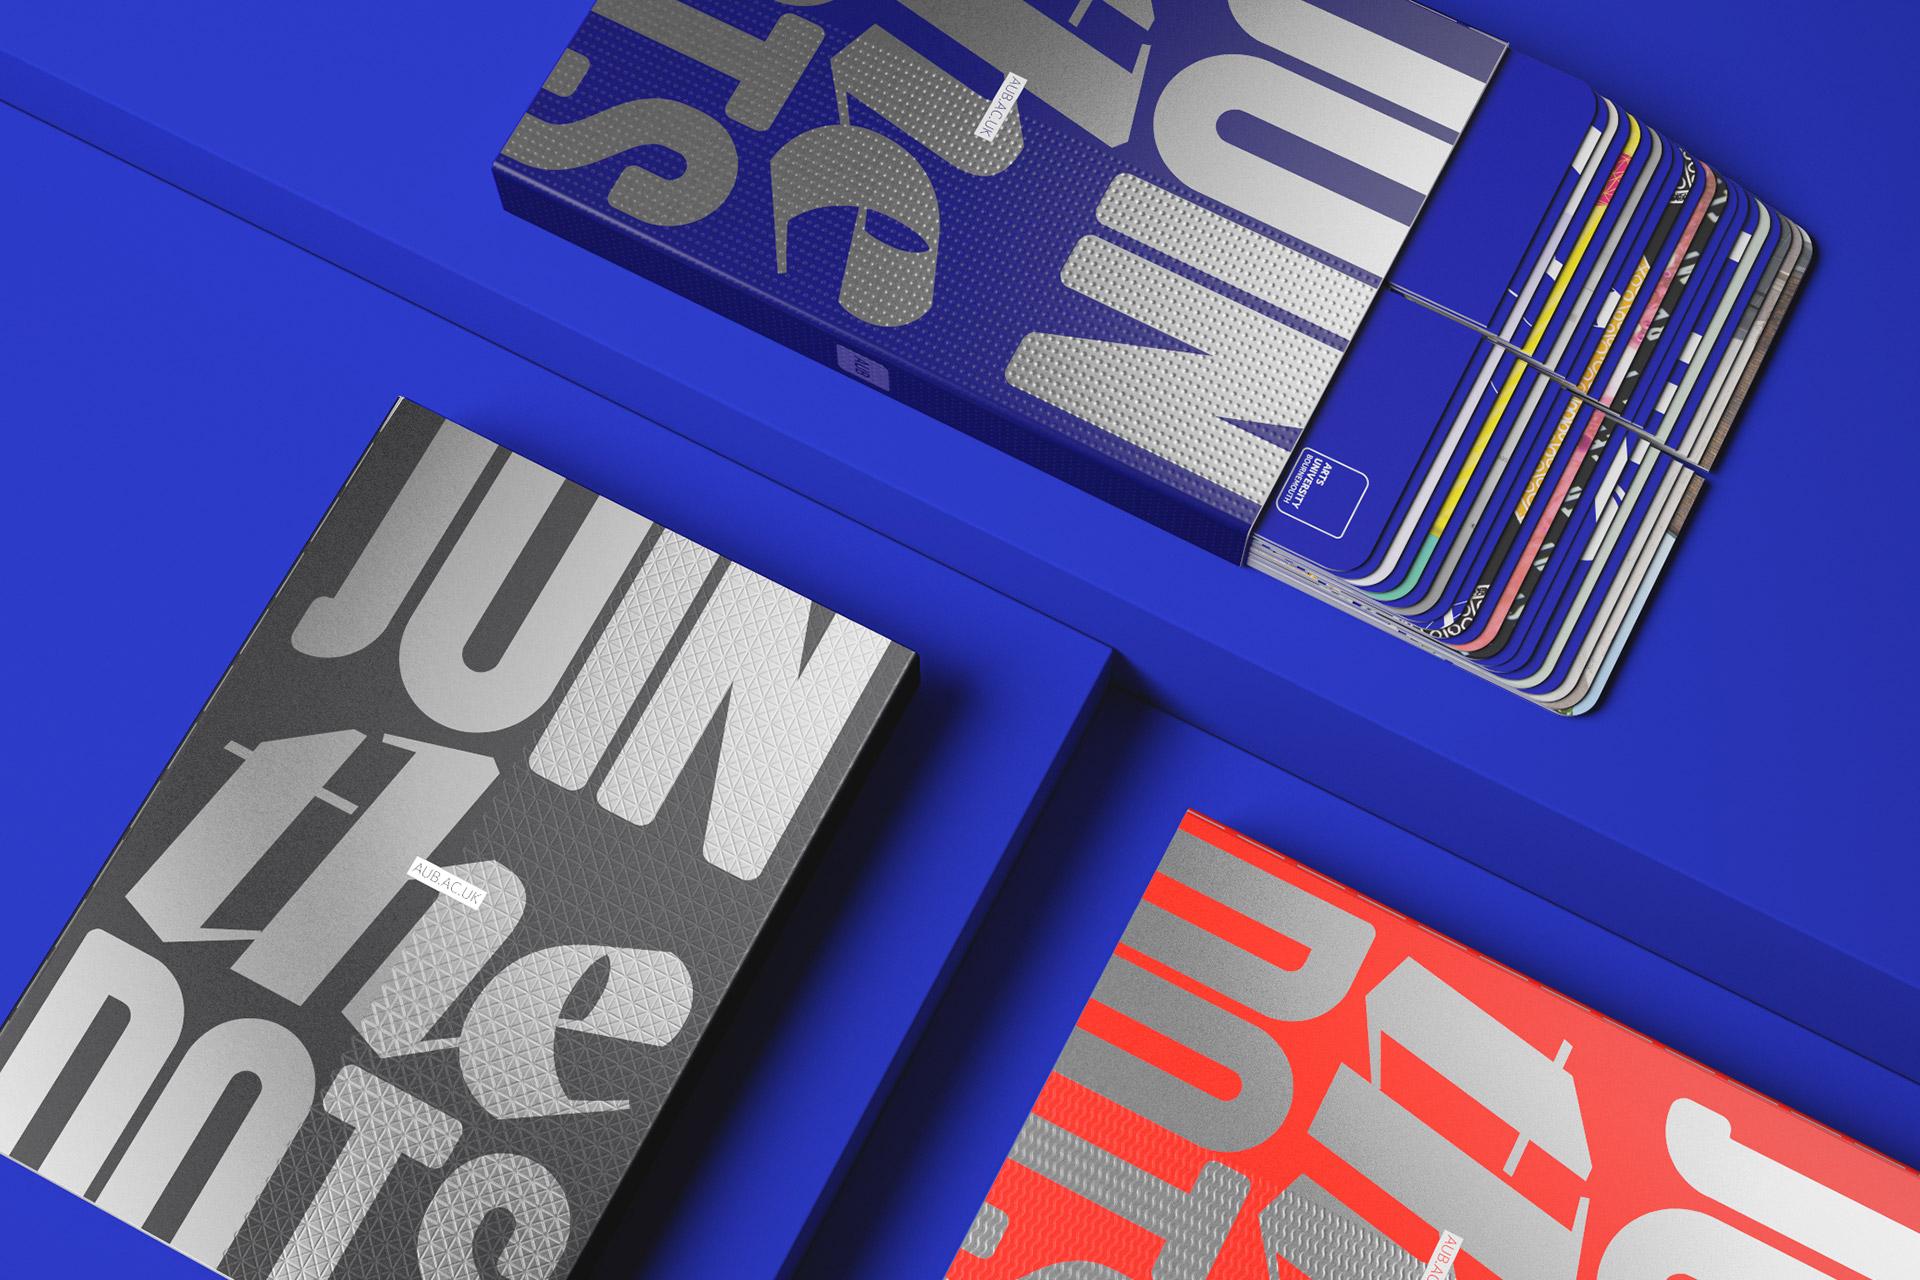 arts-university-bournemouth-cgi-visualisation-02